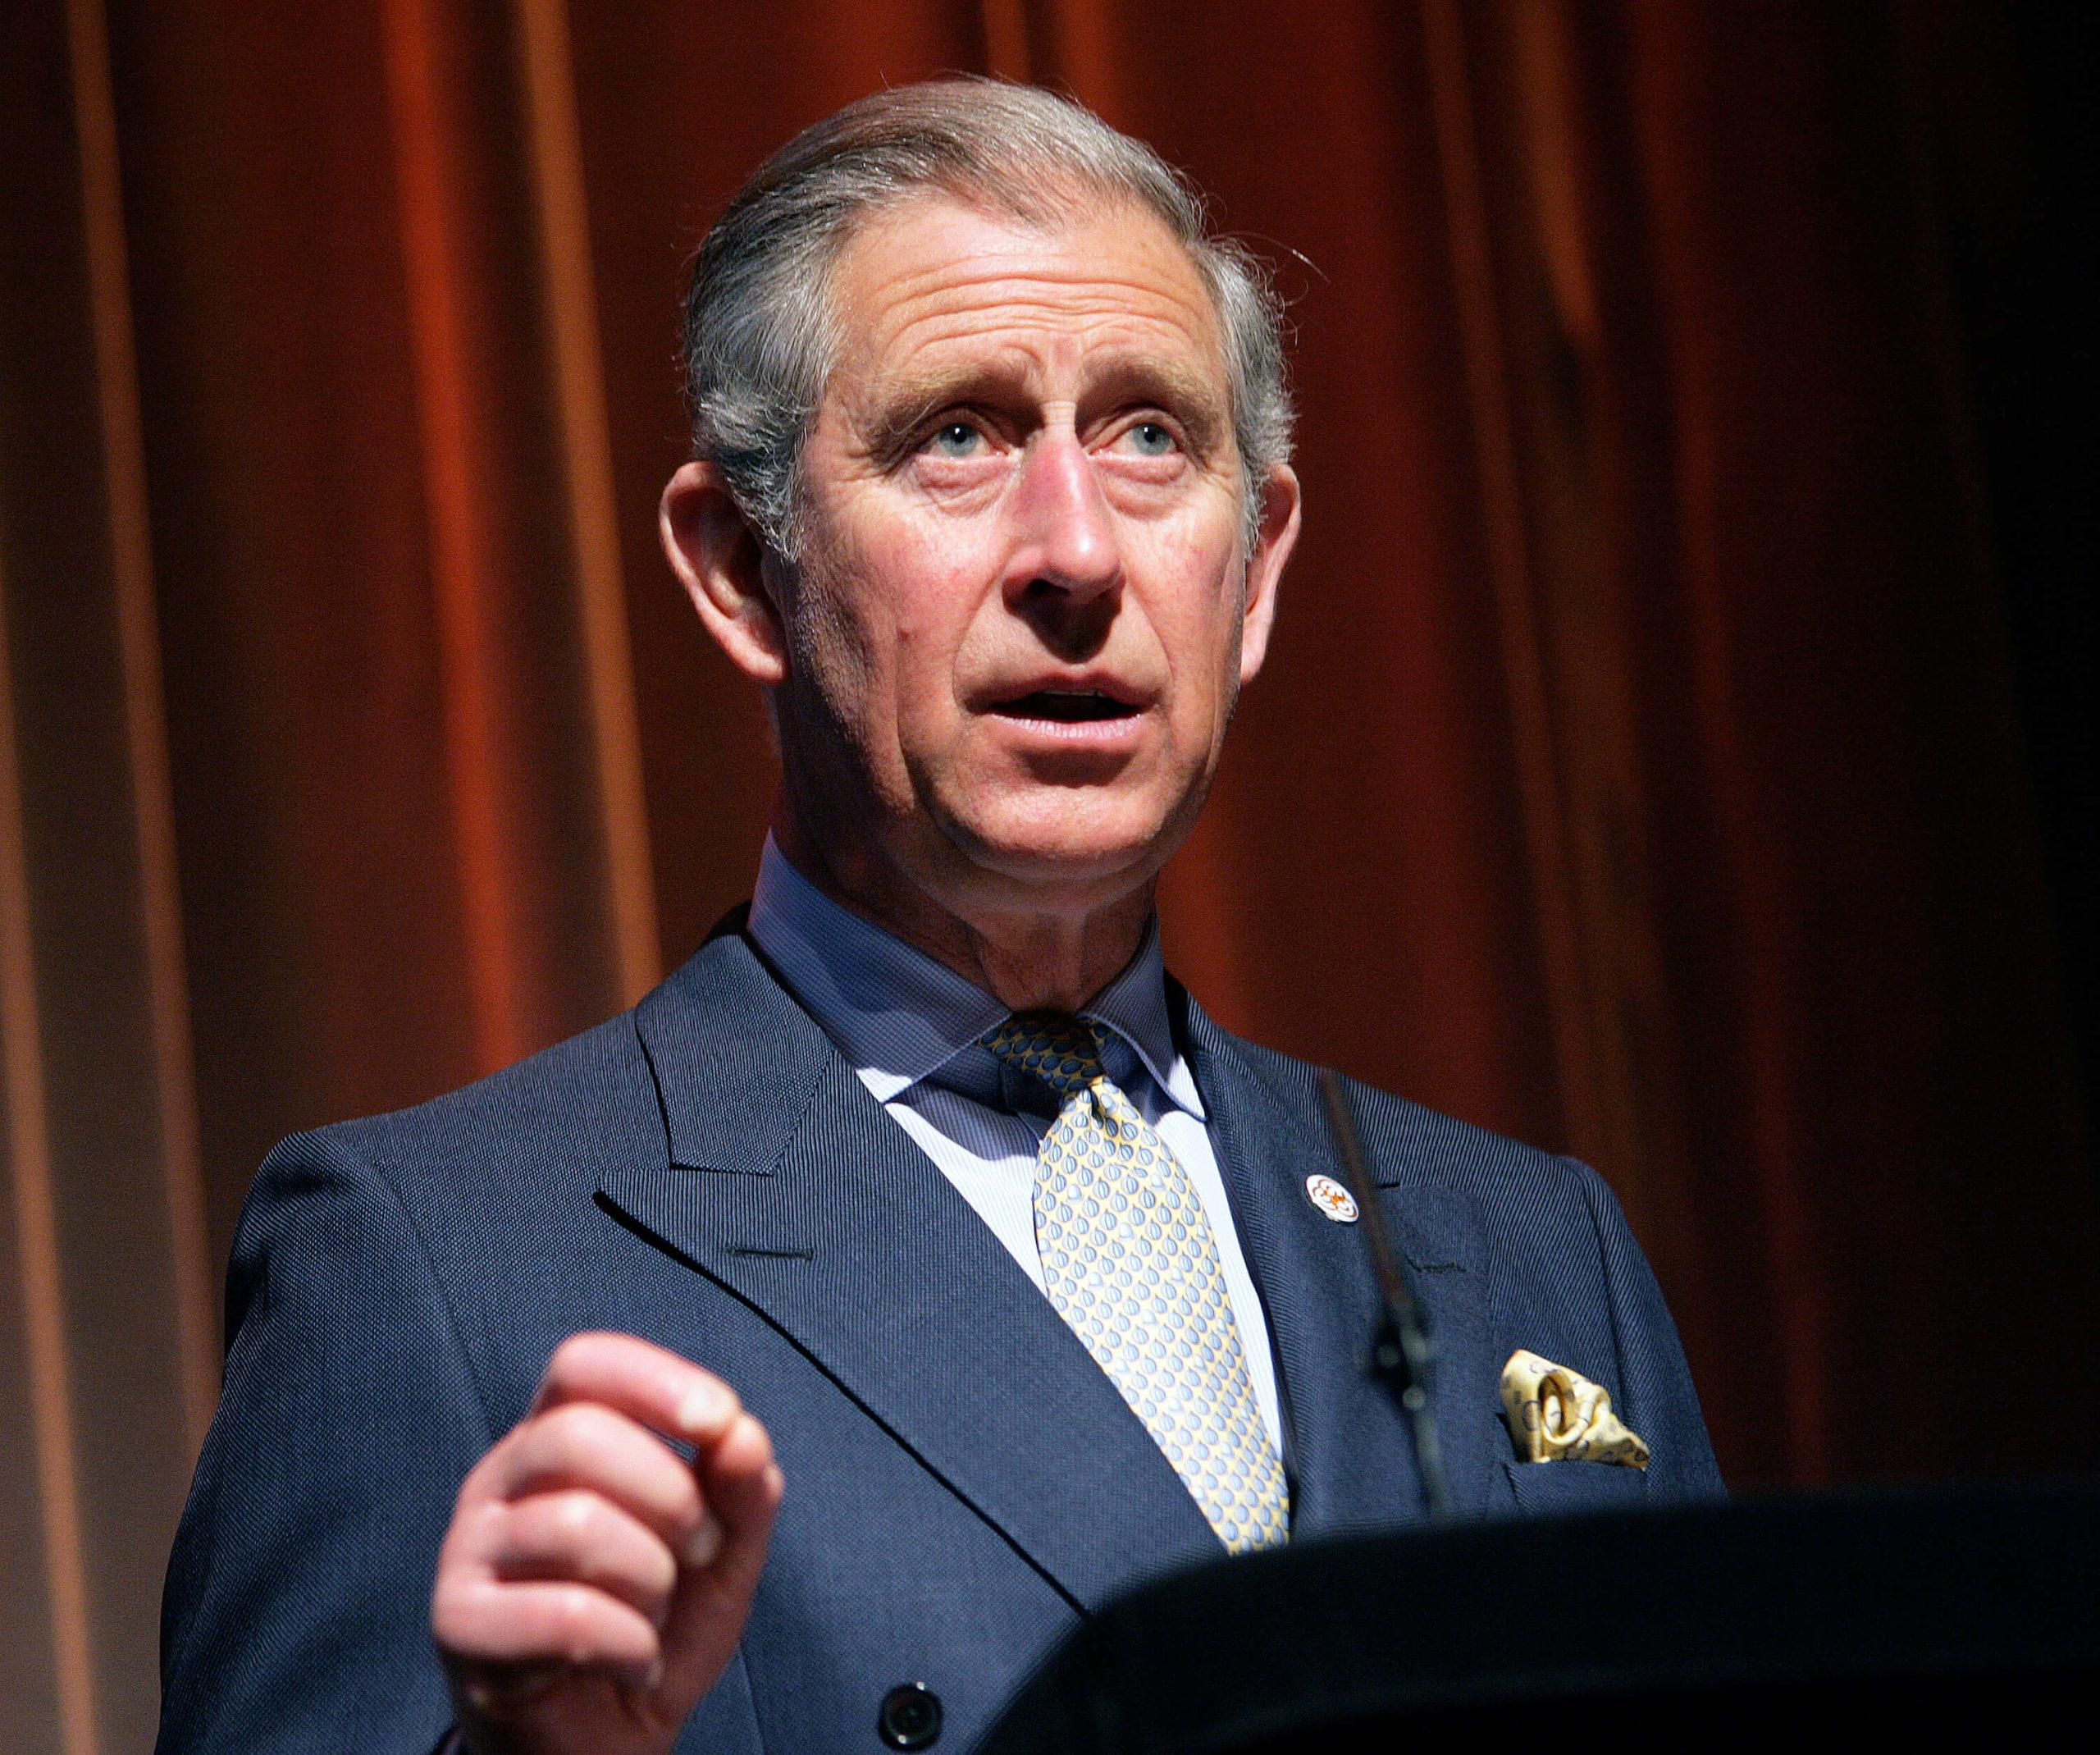 HRH Princes Charles at BAFTA